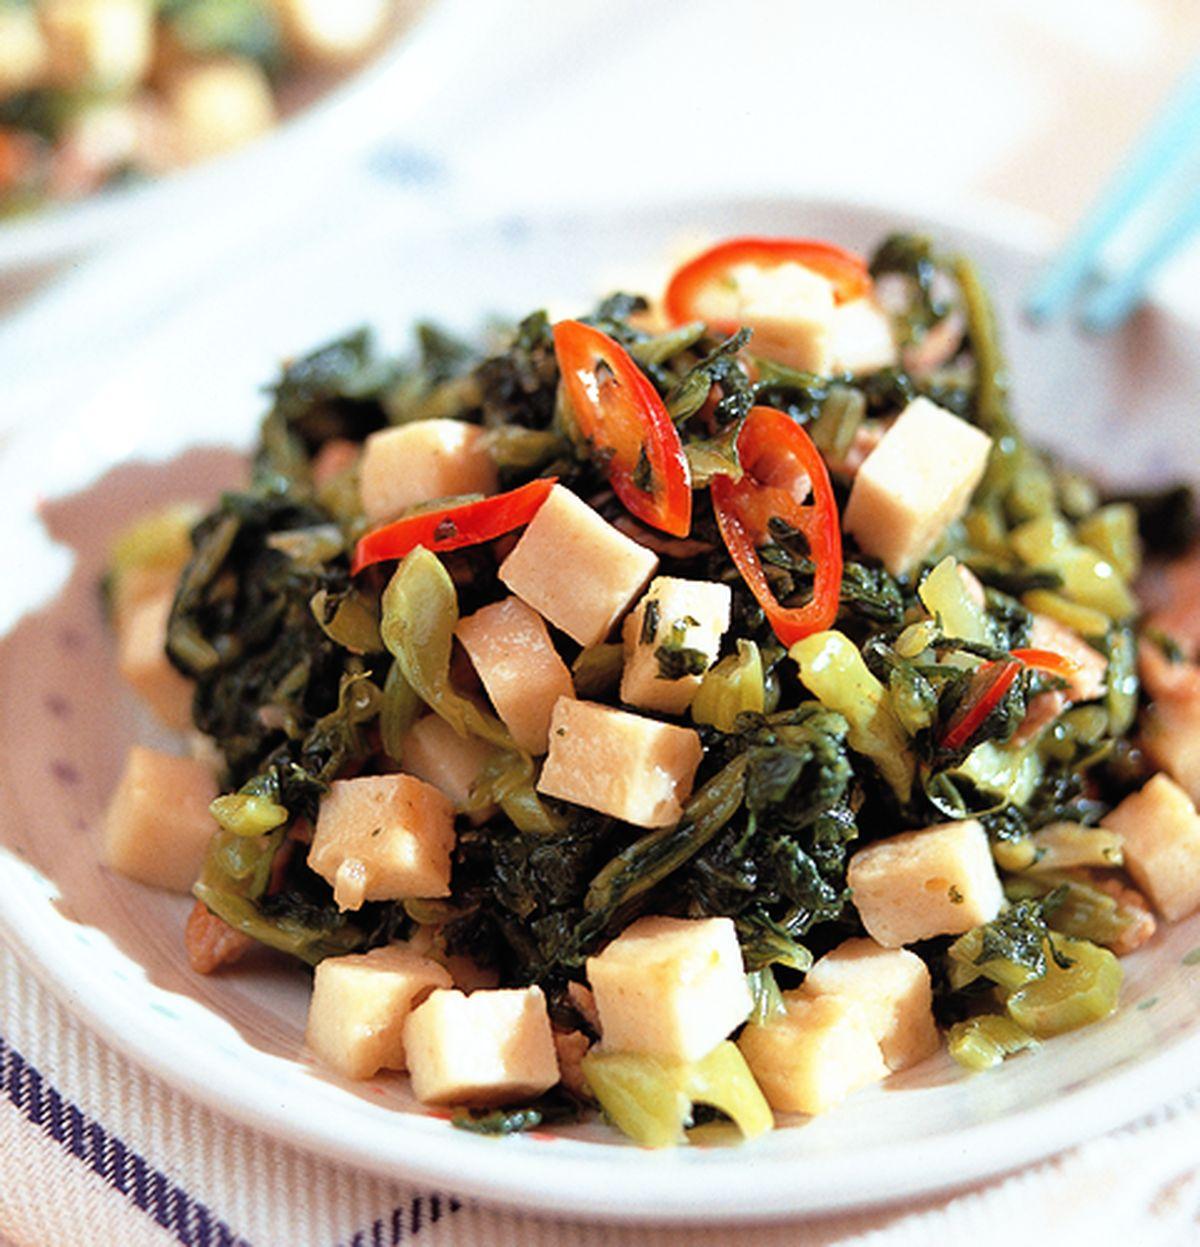 食譜:雪菜炒百頁